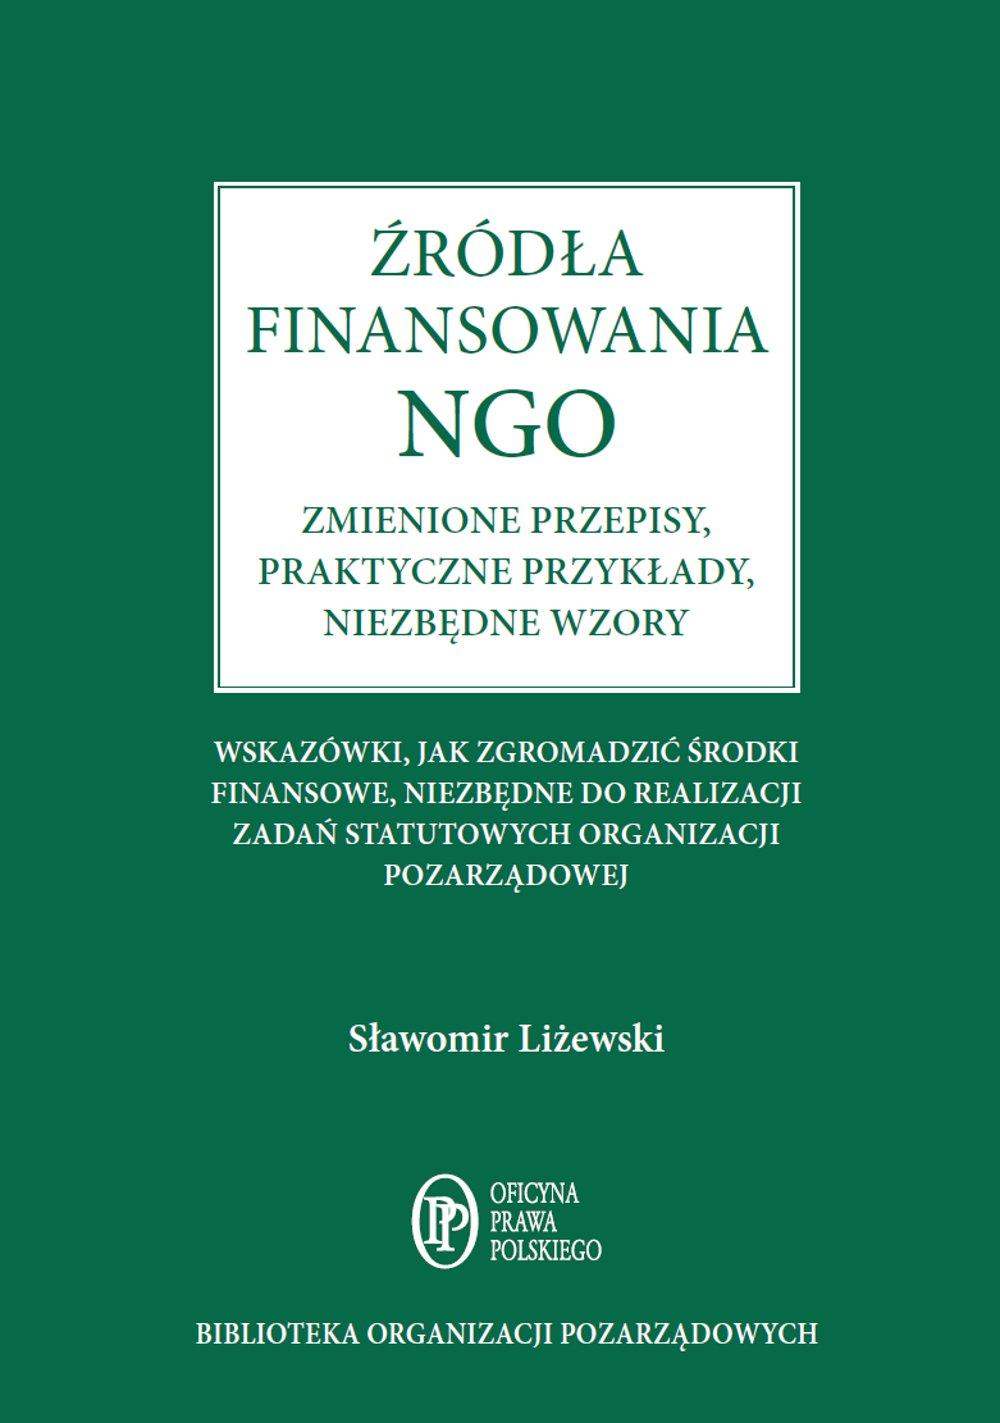 Źródła finansowania NGO - Ebook (Książka na Kindle) do pobrania w formacie MOBI